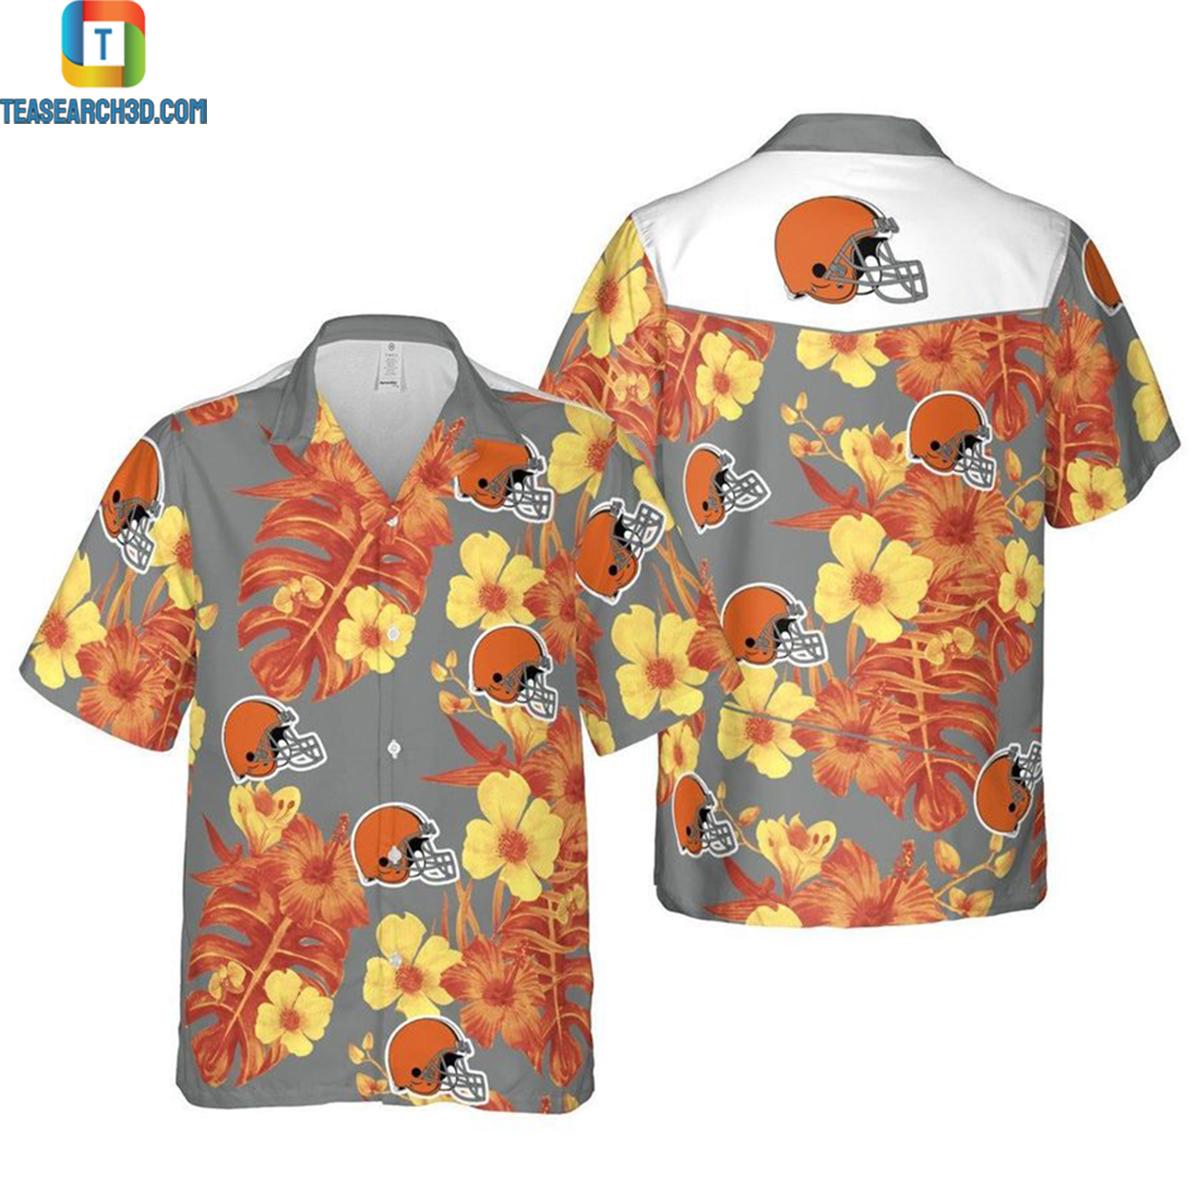 Cleveland browns floral nfl football hawaiian shirt 2